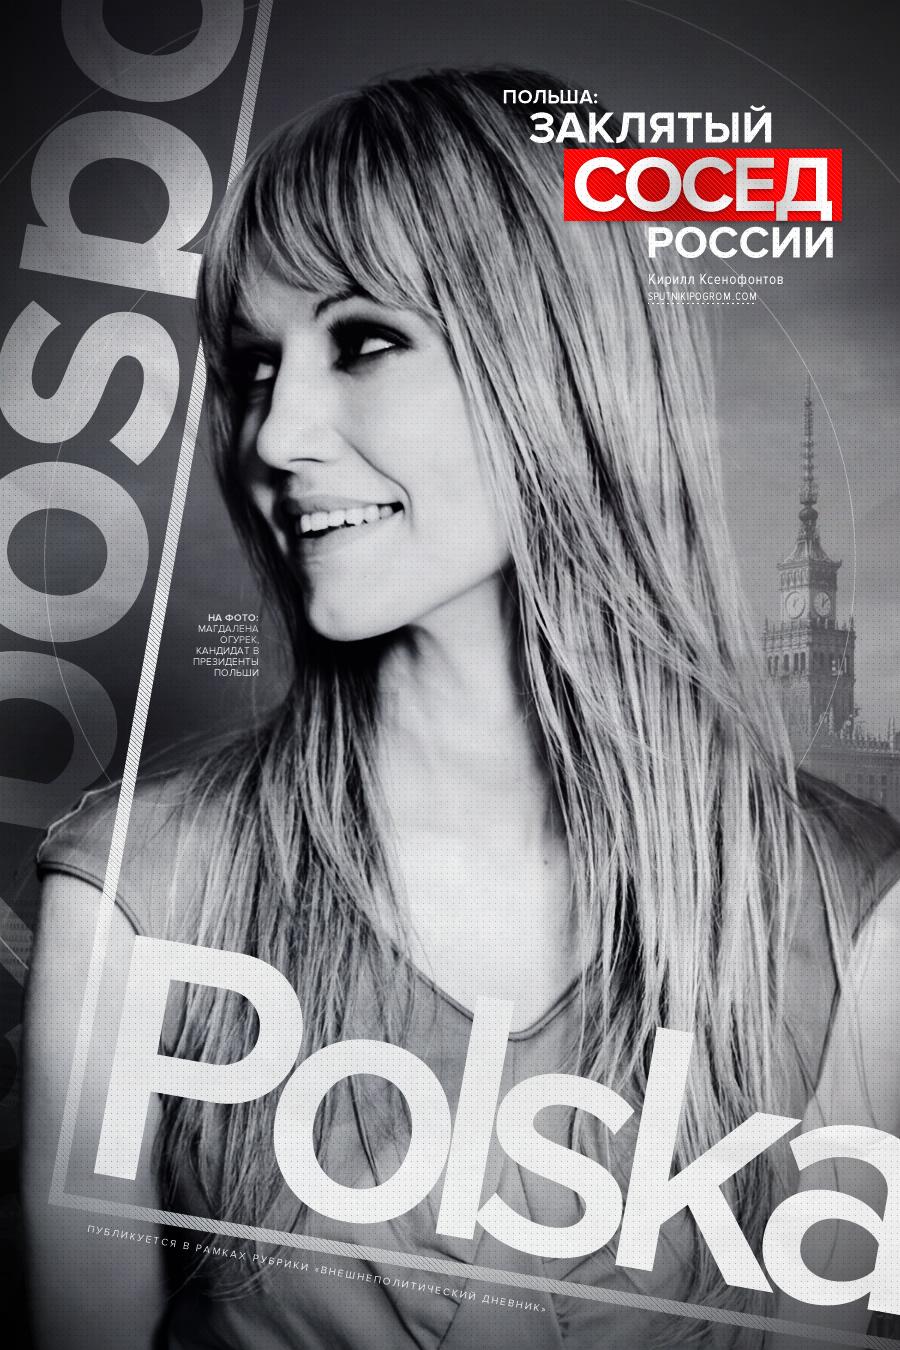 polskaxf